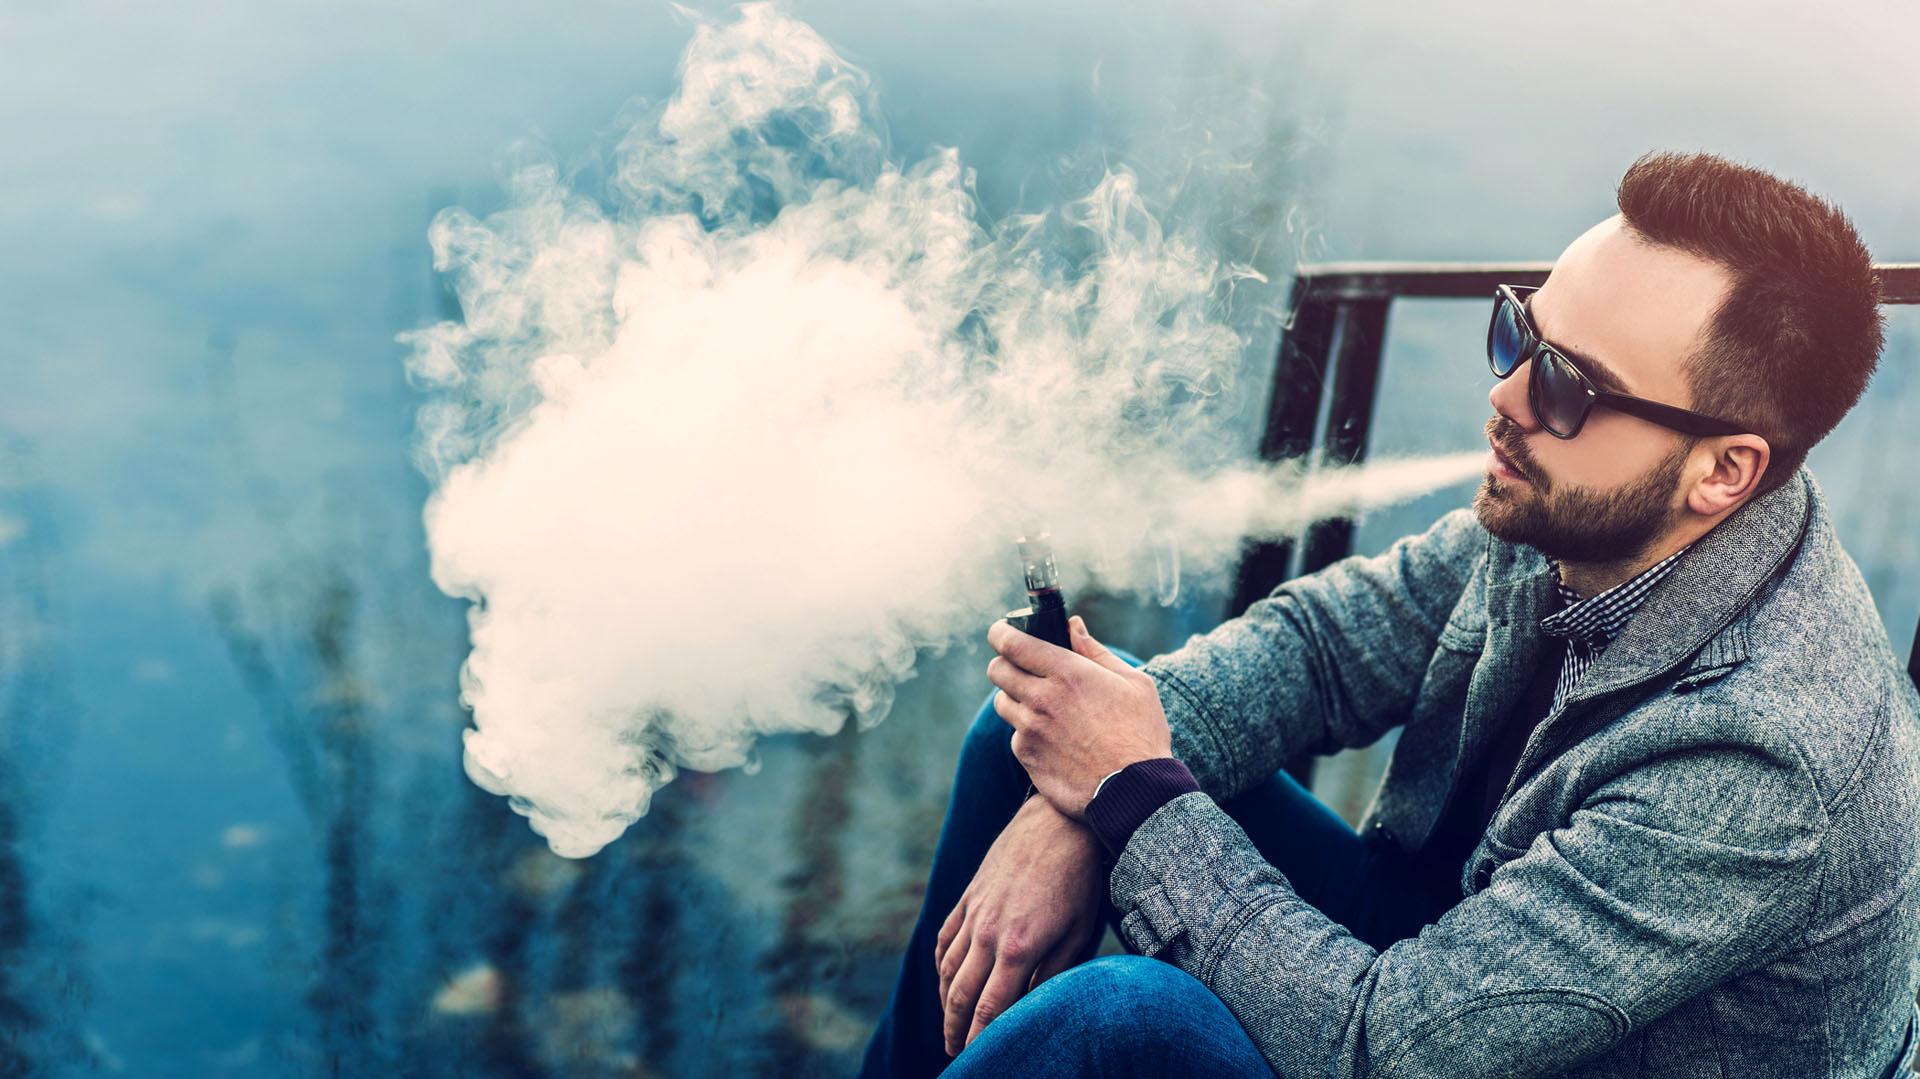 Los adolescentes y los adultos jóvenes pueden pasar del e-cigarette al tabaquismo común. (iStock)